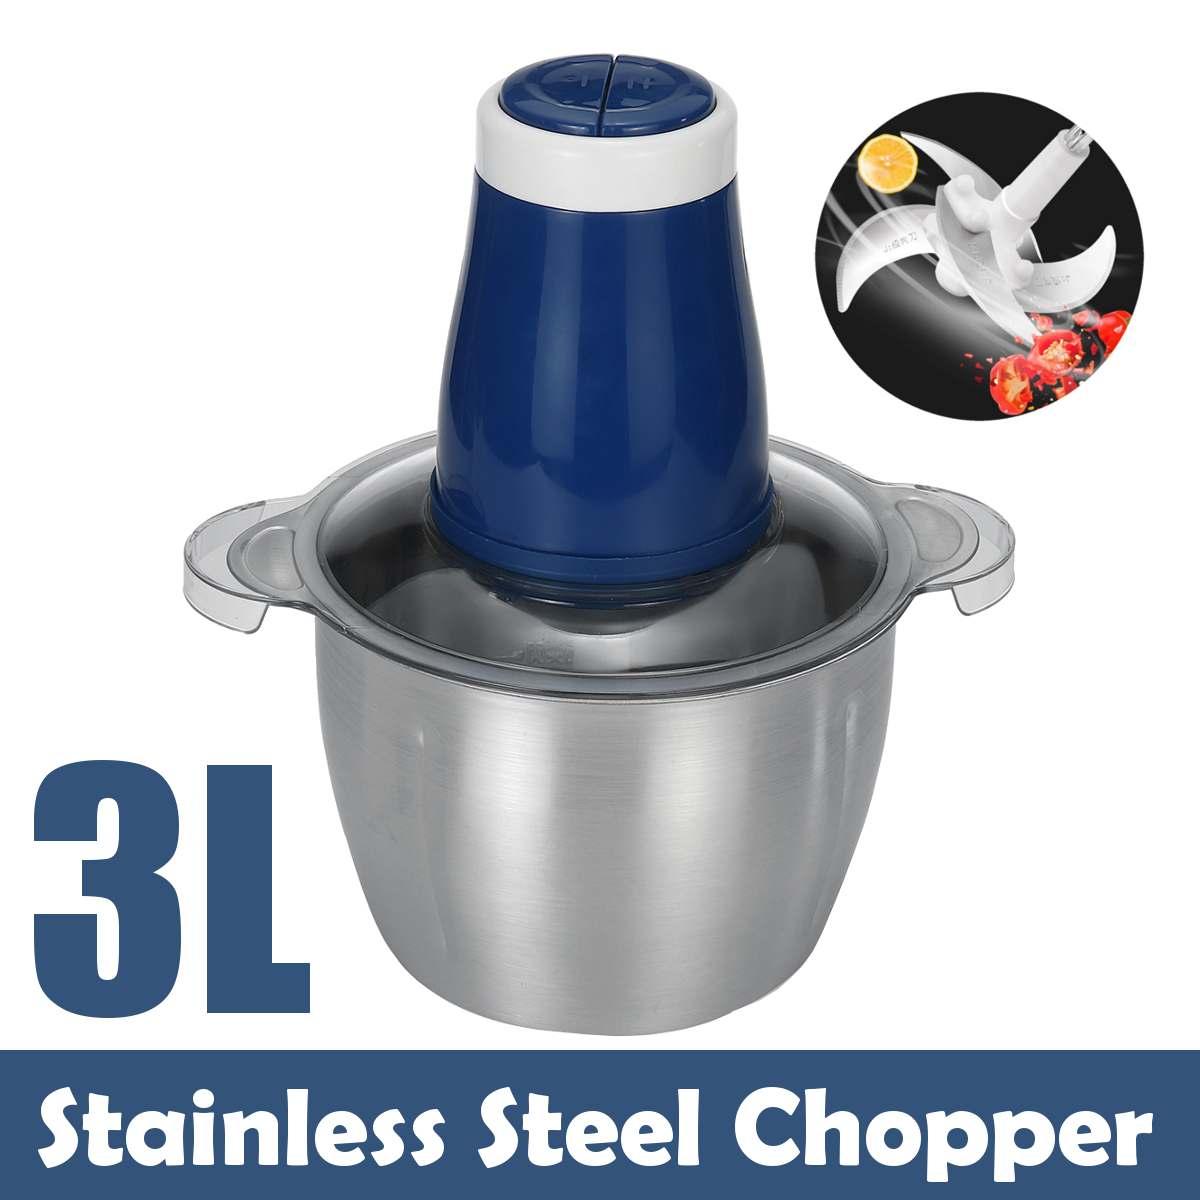 Dois velocidade 220 v aço inoxidável moedor de carne 3l moedor de carne de aço inoxidável chopper elétrico automático máquina picar azul